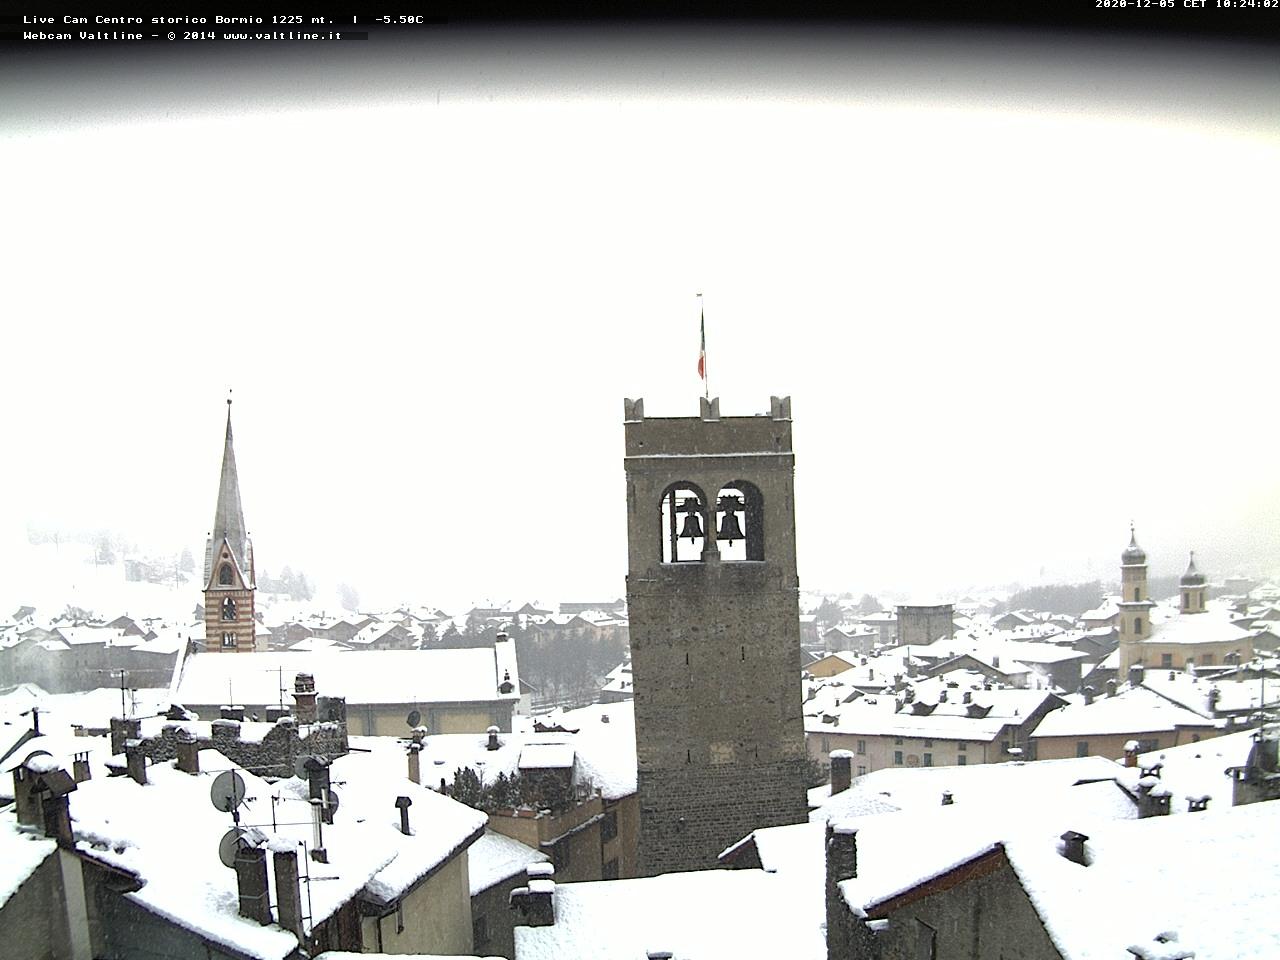 Webcam en Bormio, Bormio (Alpes Italianos)